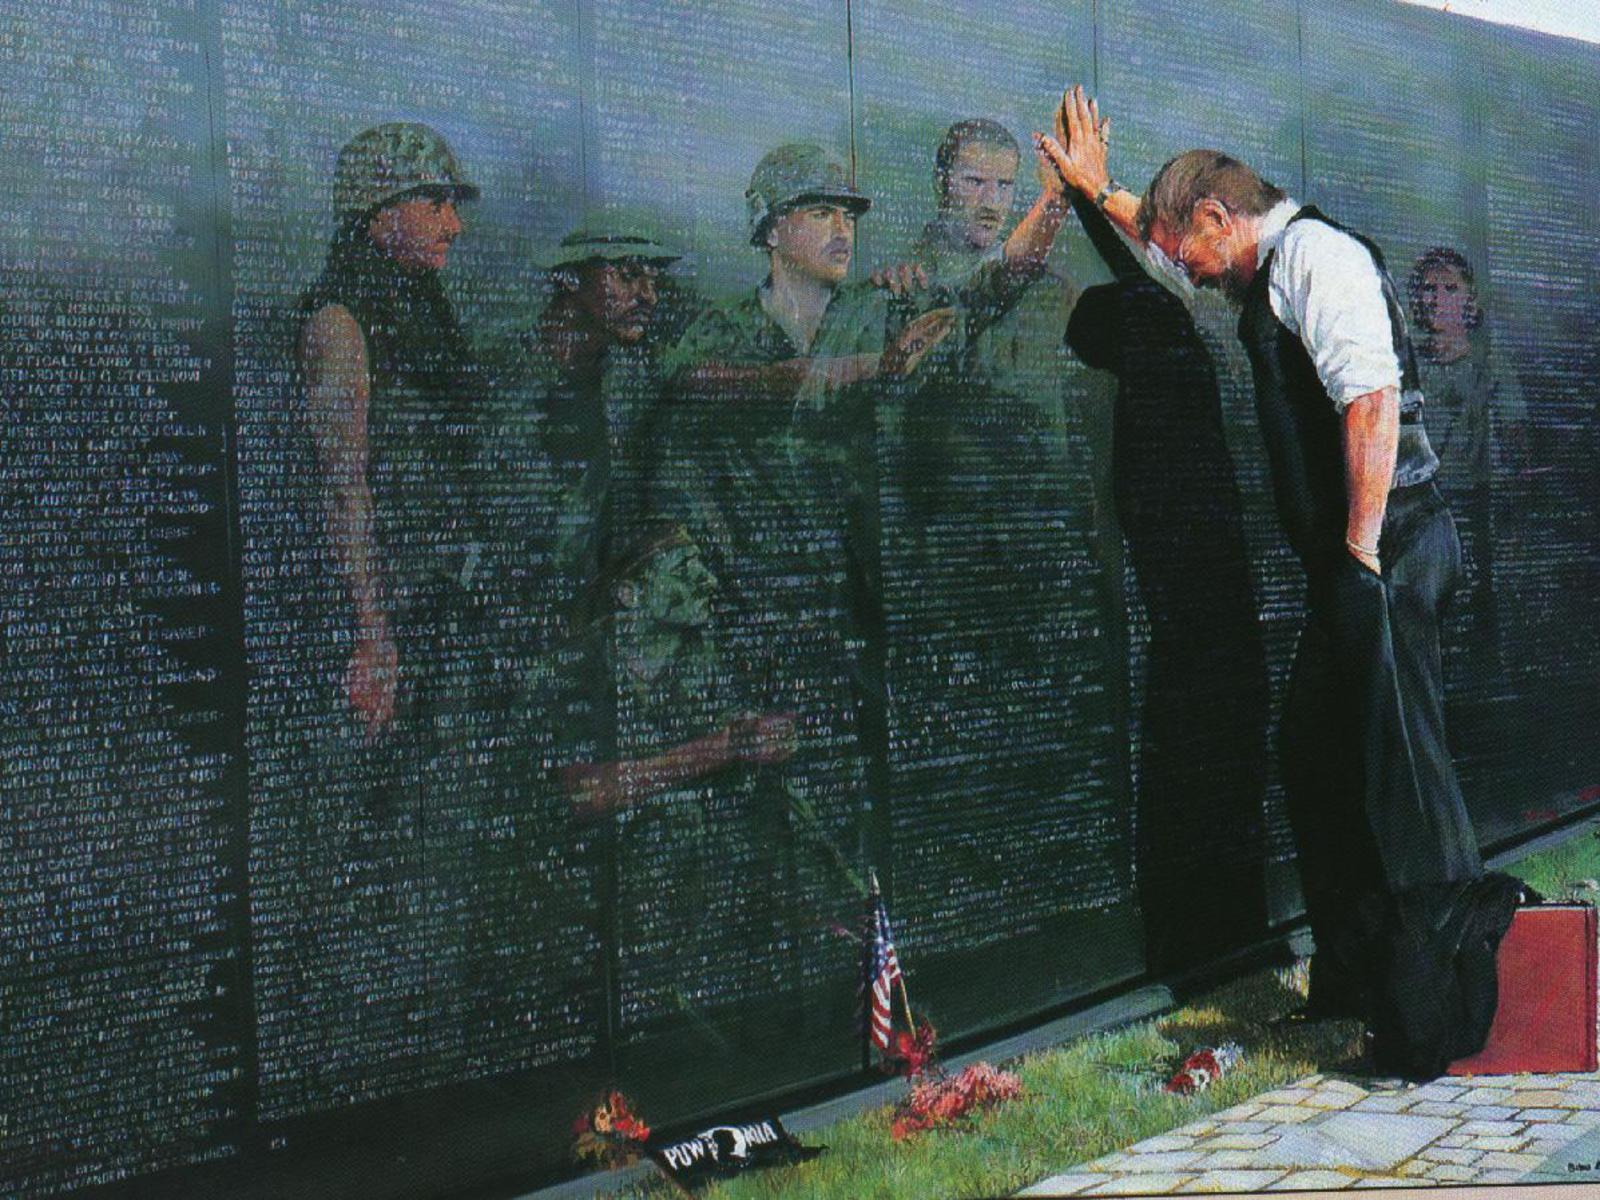 Vietnam War Wallpaper 11jpg 1600x1200